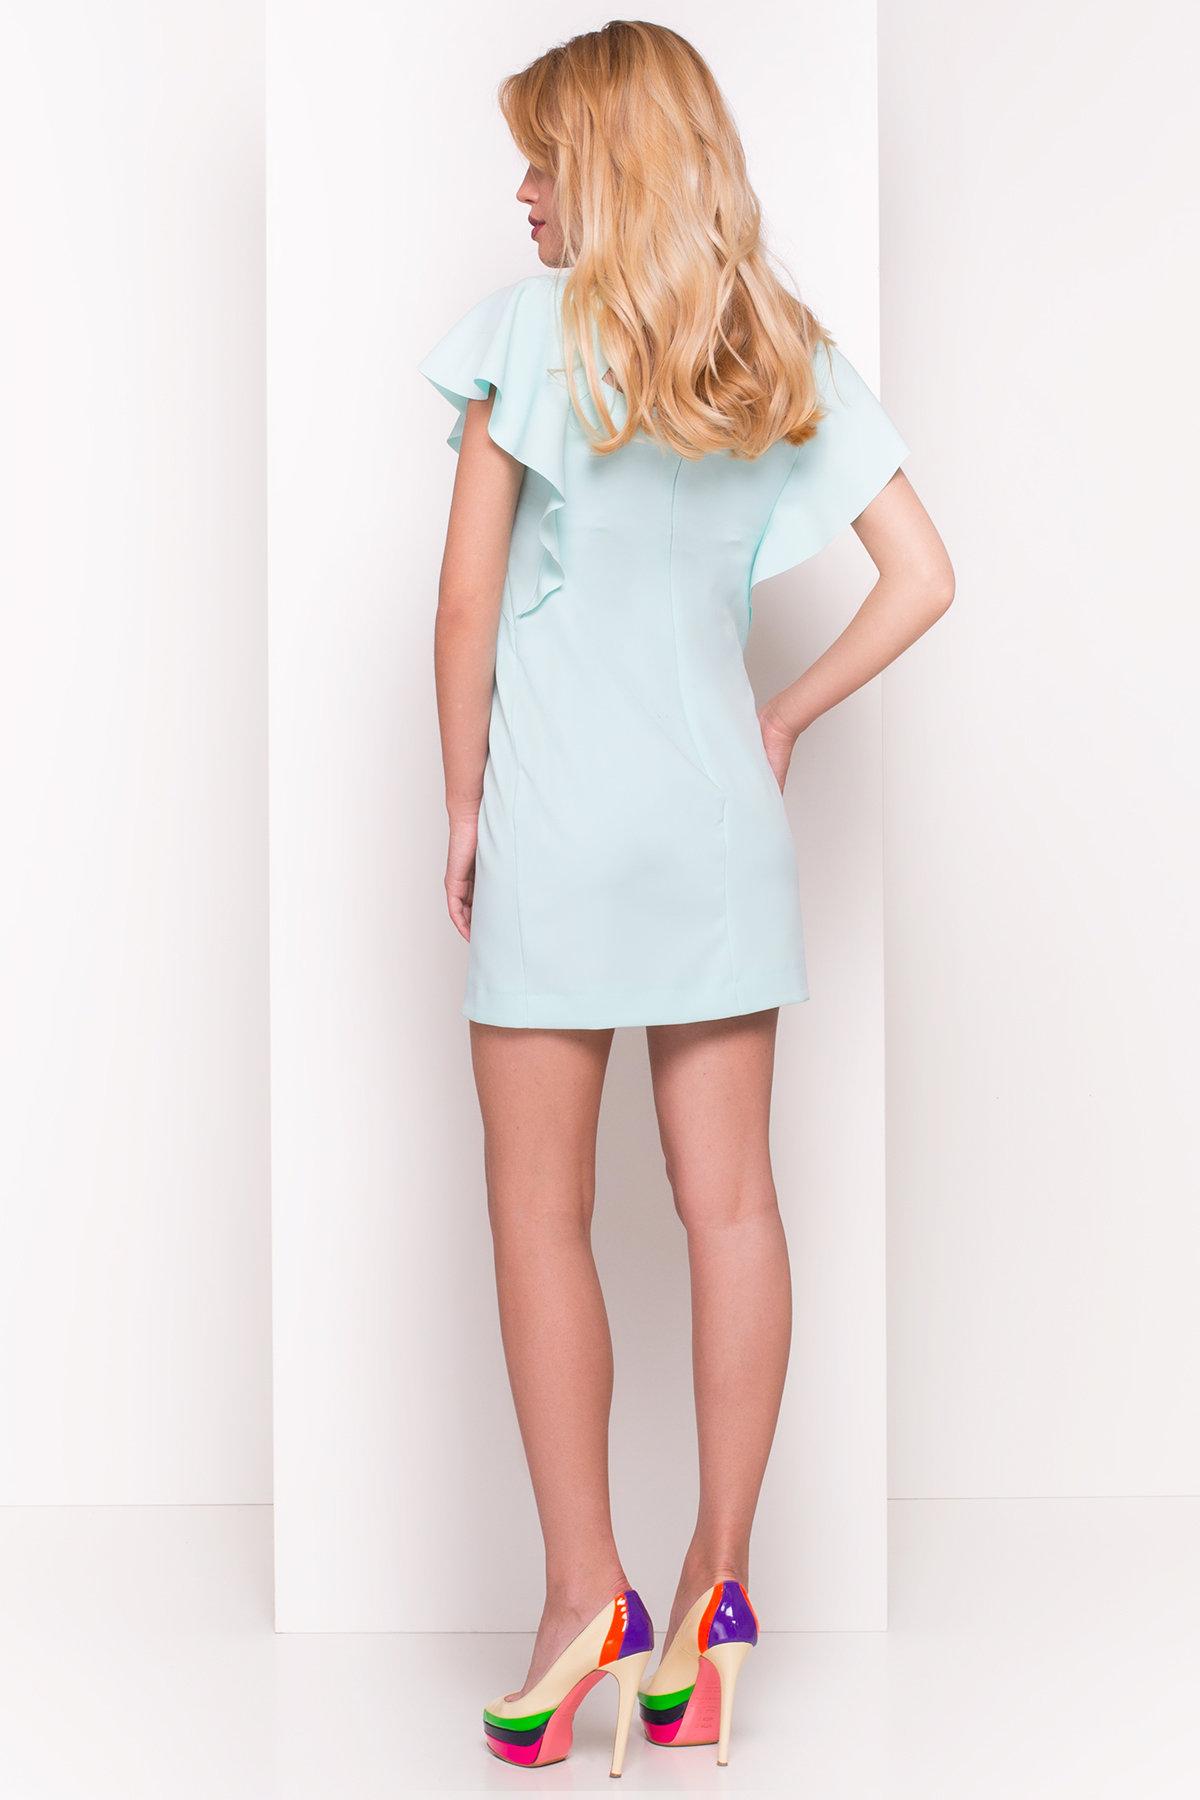 Платье с короткими рукавами летучая мышь Айла  4878 АРТ. 34967 Цвет: Мята - фото 2, интернет магазин tm-modus.ru